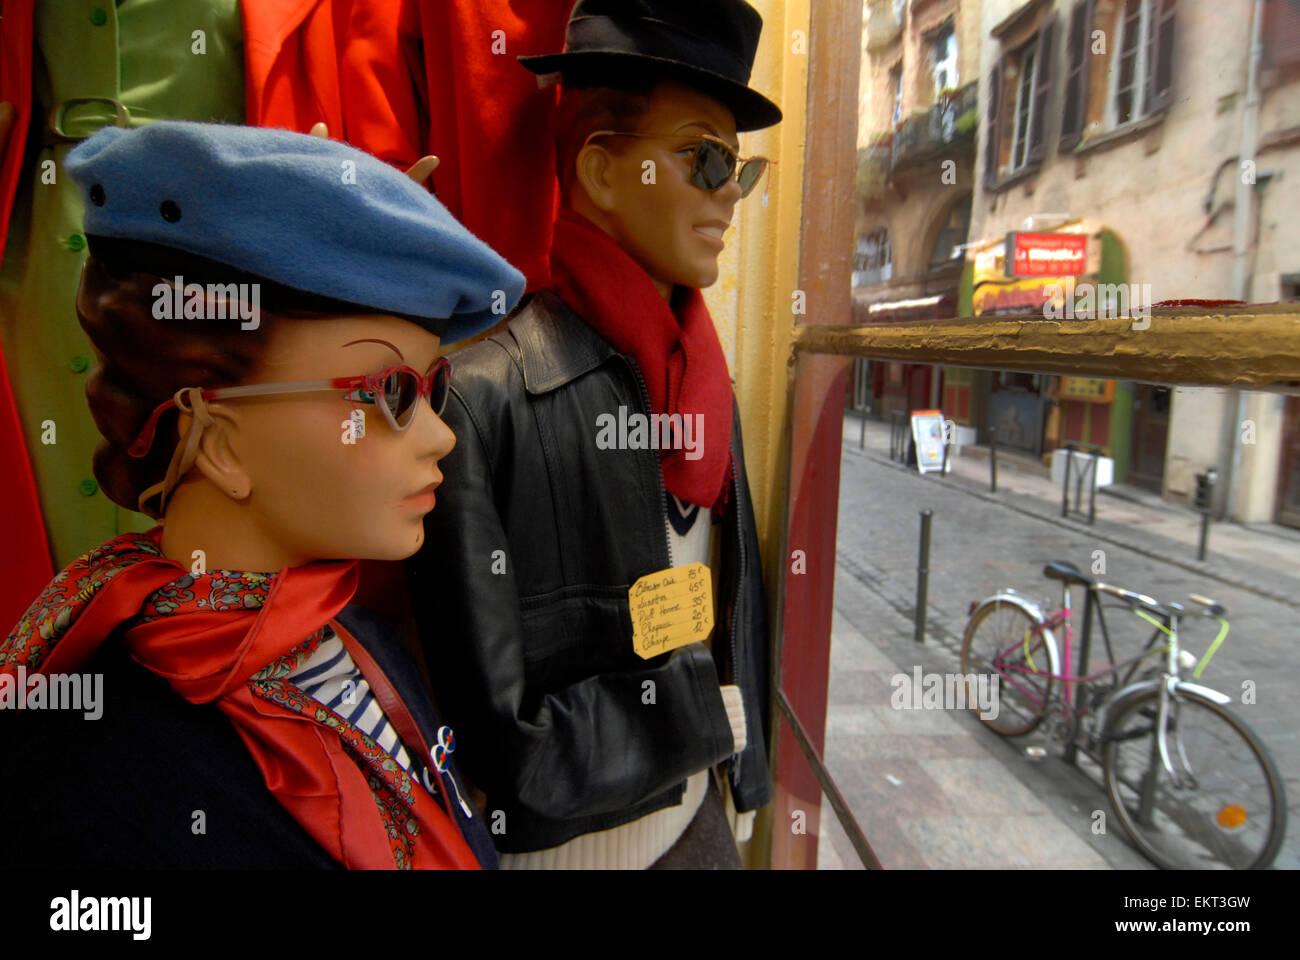 Shop Groucho Vintage Retro Rue Peyrolières Toulouse Midi-Pyrénées France - Stock Image